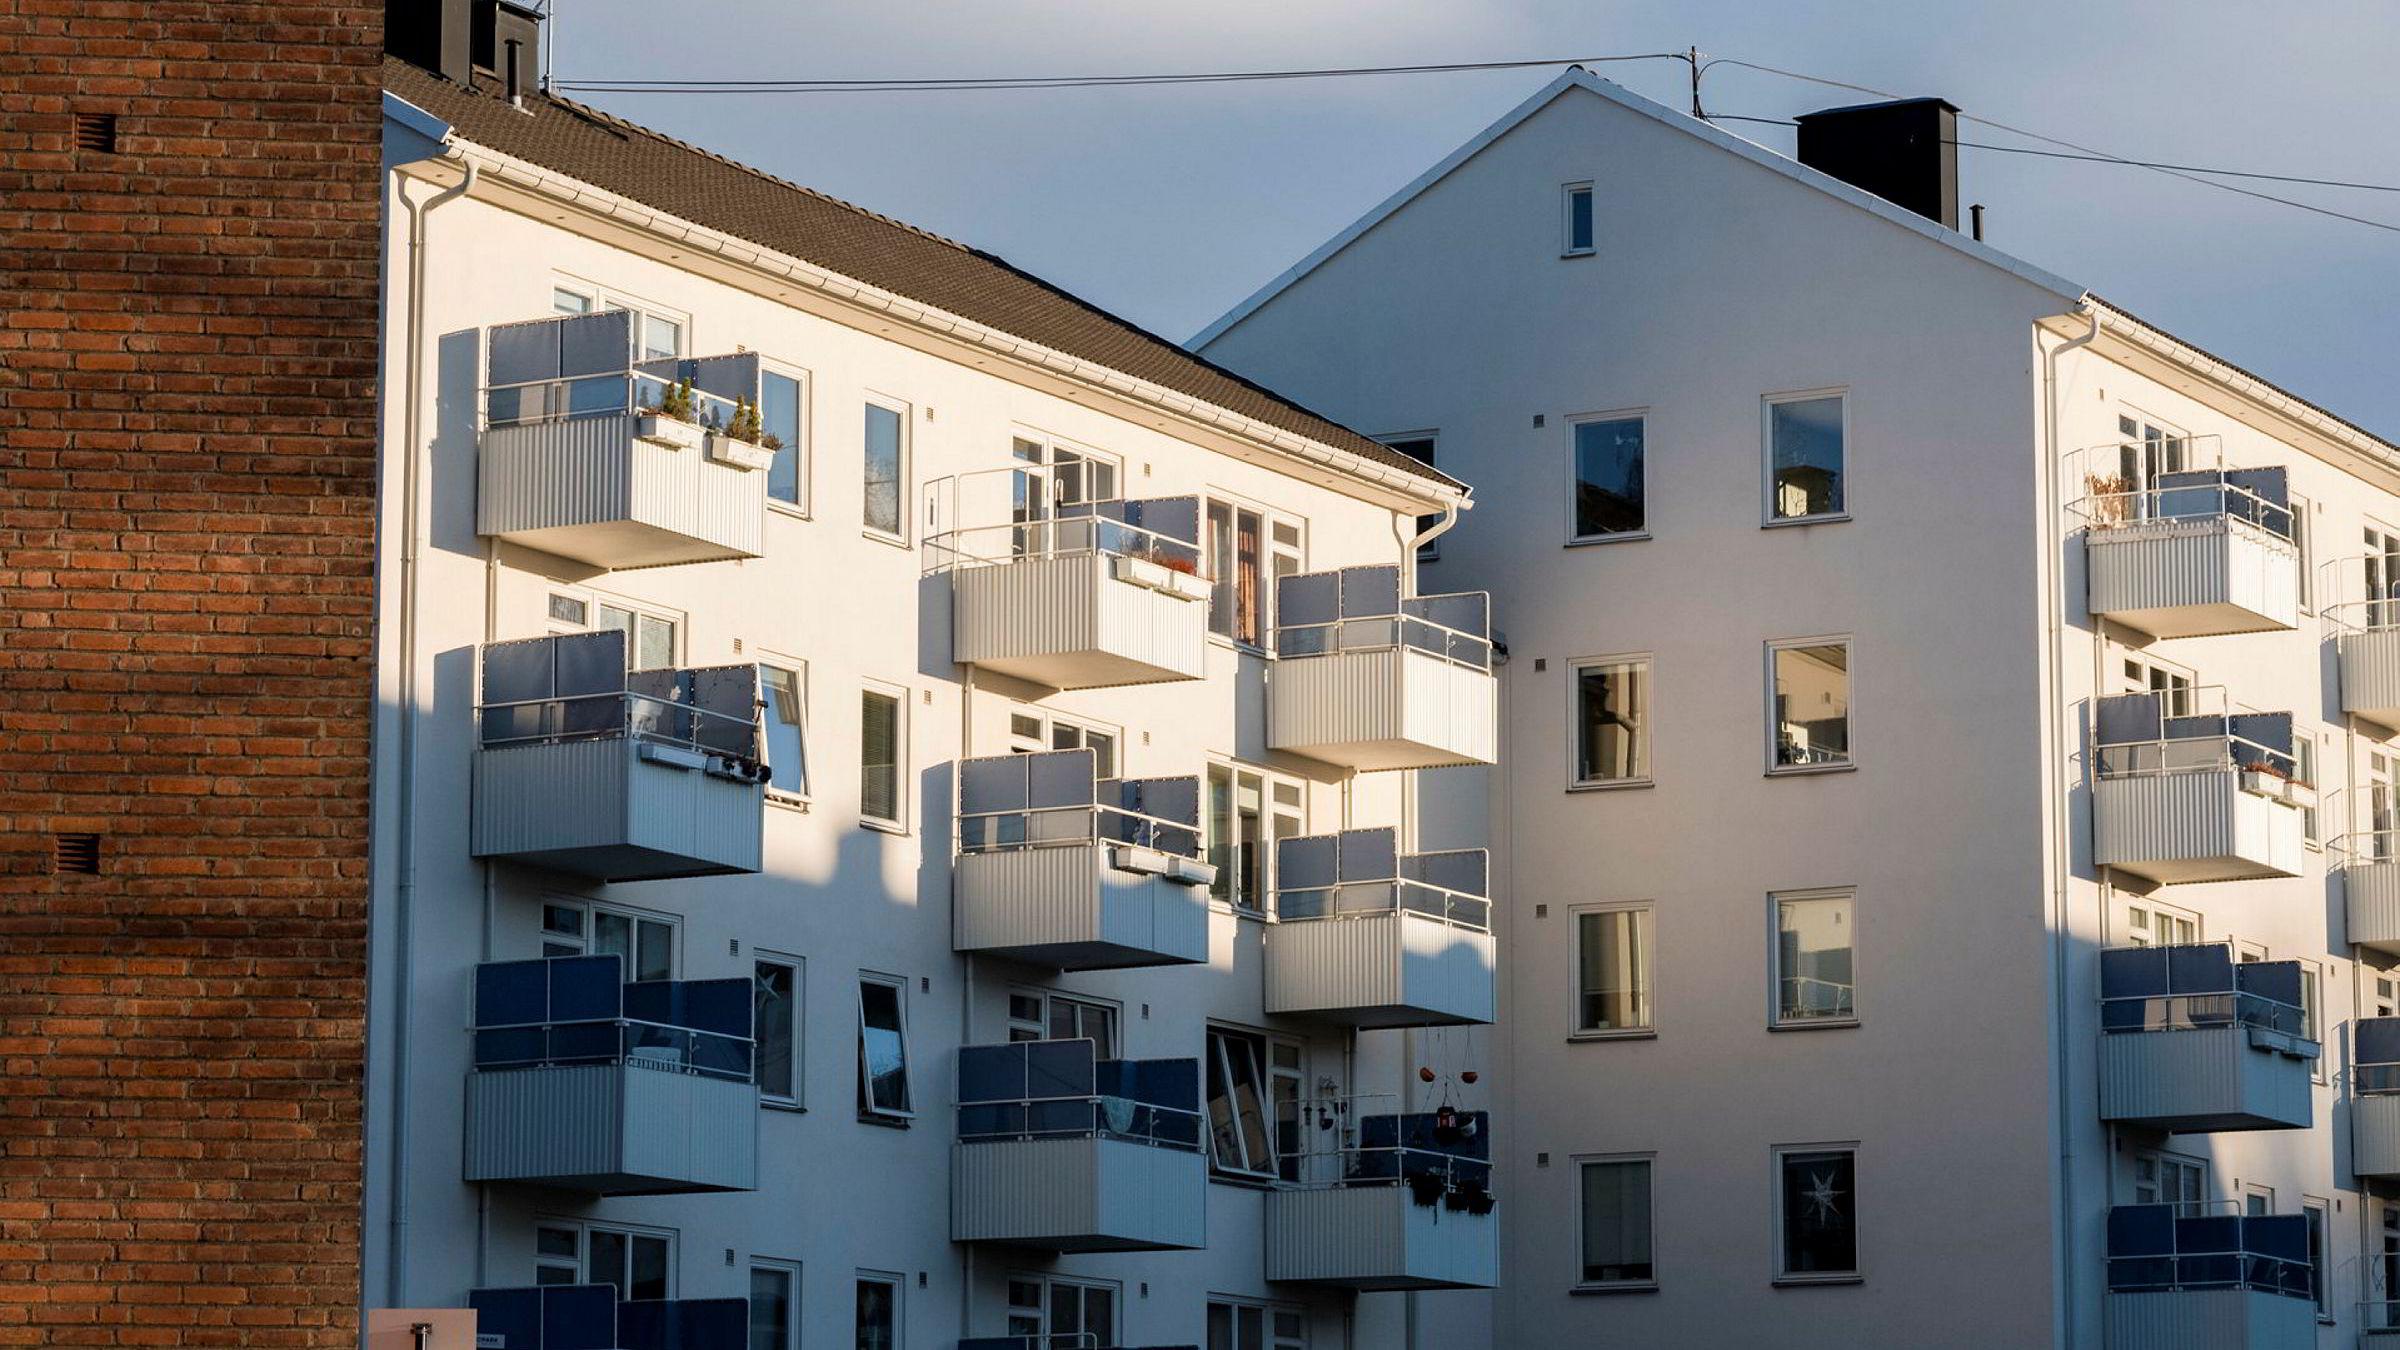 Etter en periode med kraftig vekst, vil prisene på Oslo-boliger fremover utvikle seg mer på linje med resten av landet, mener analytikerne i meglerhuset Nordea Markets.